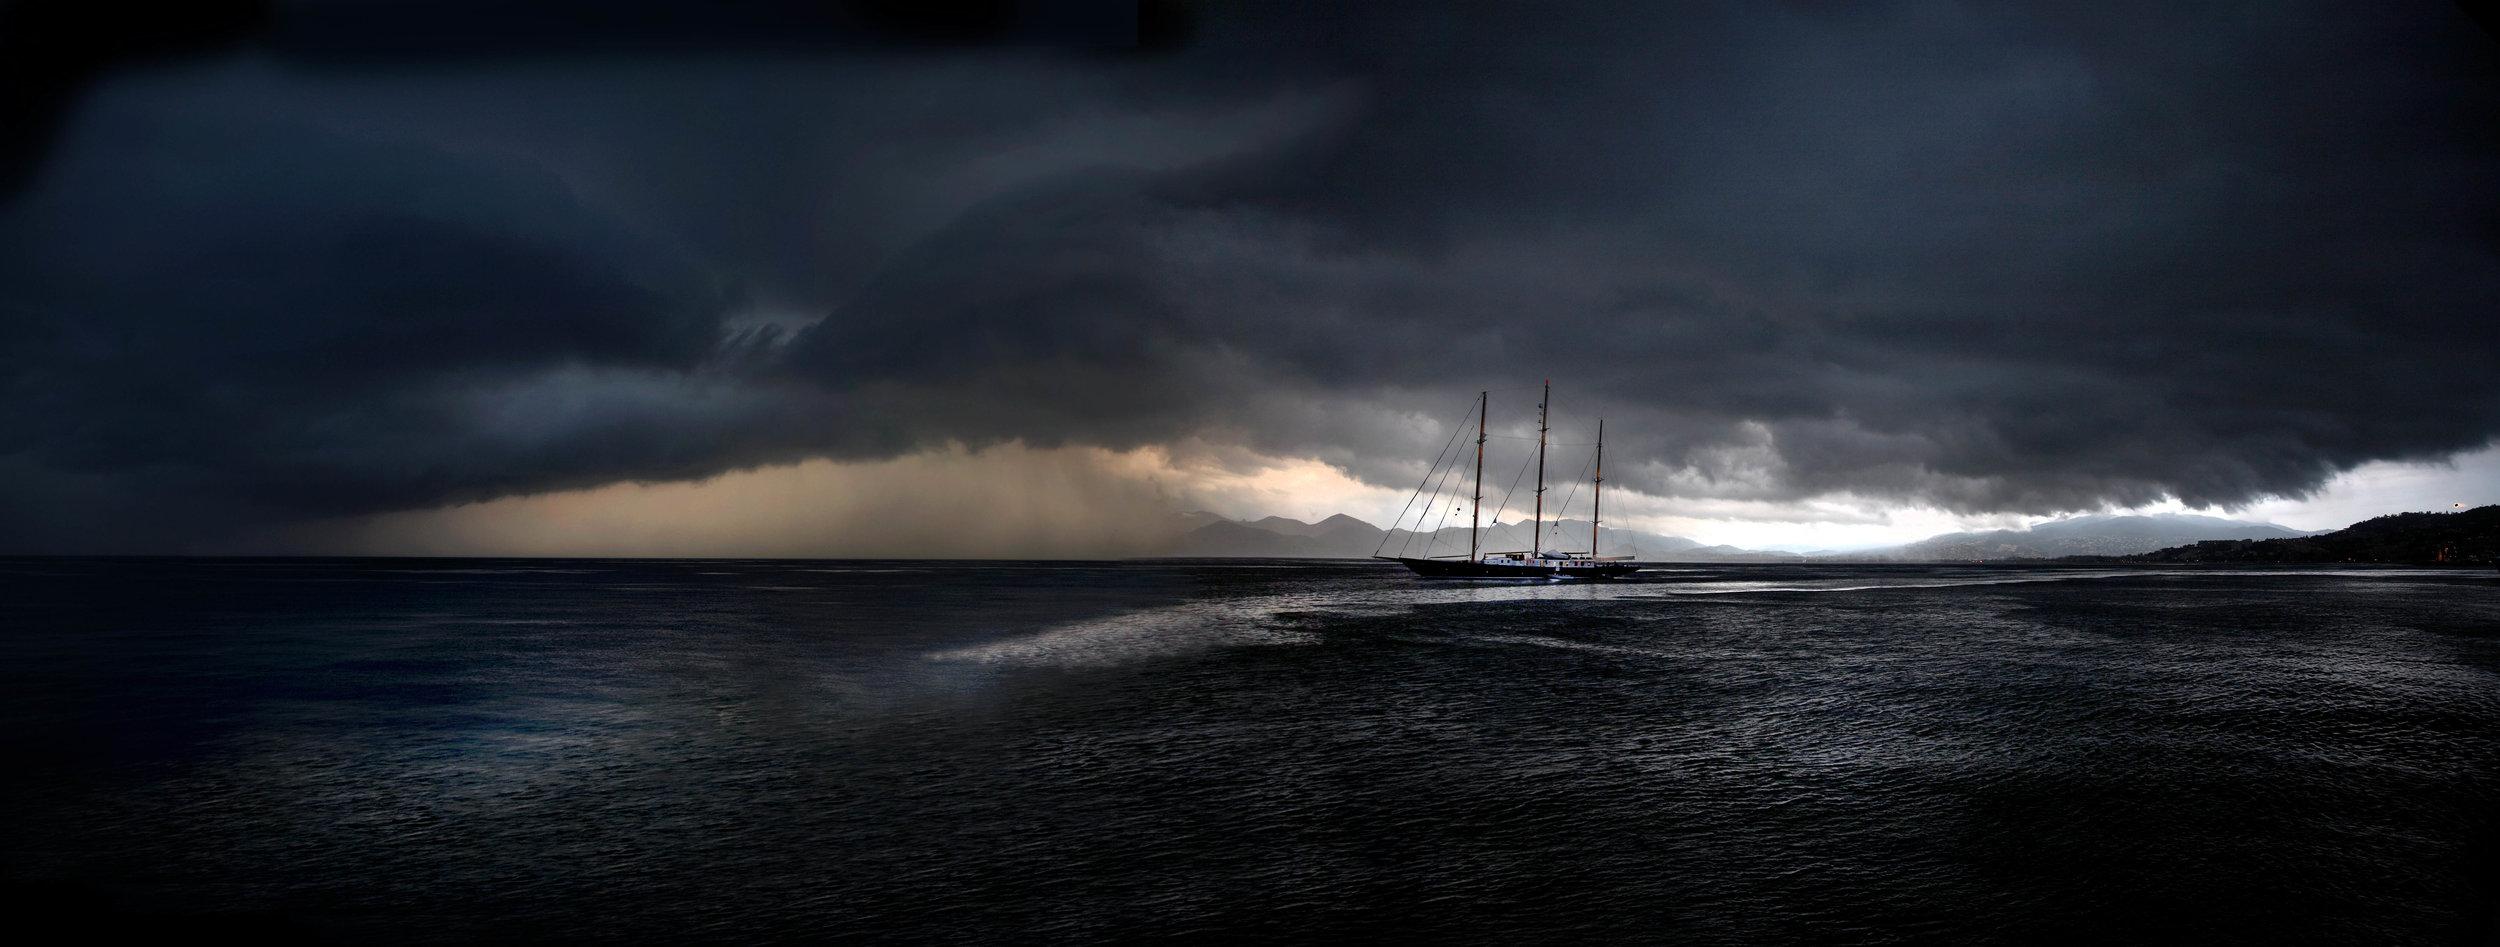 Big_Sky_Boat_Panorama2.jpg